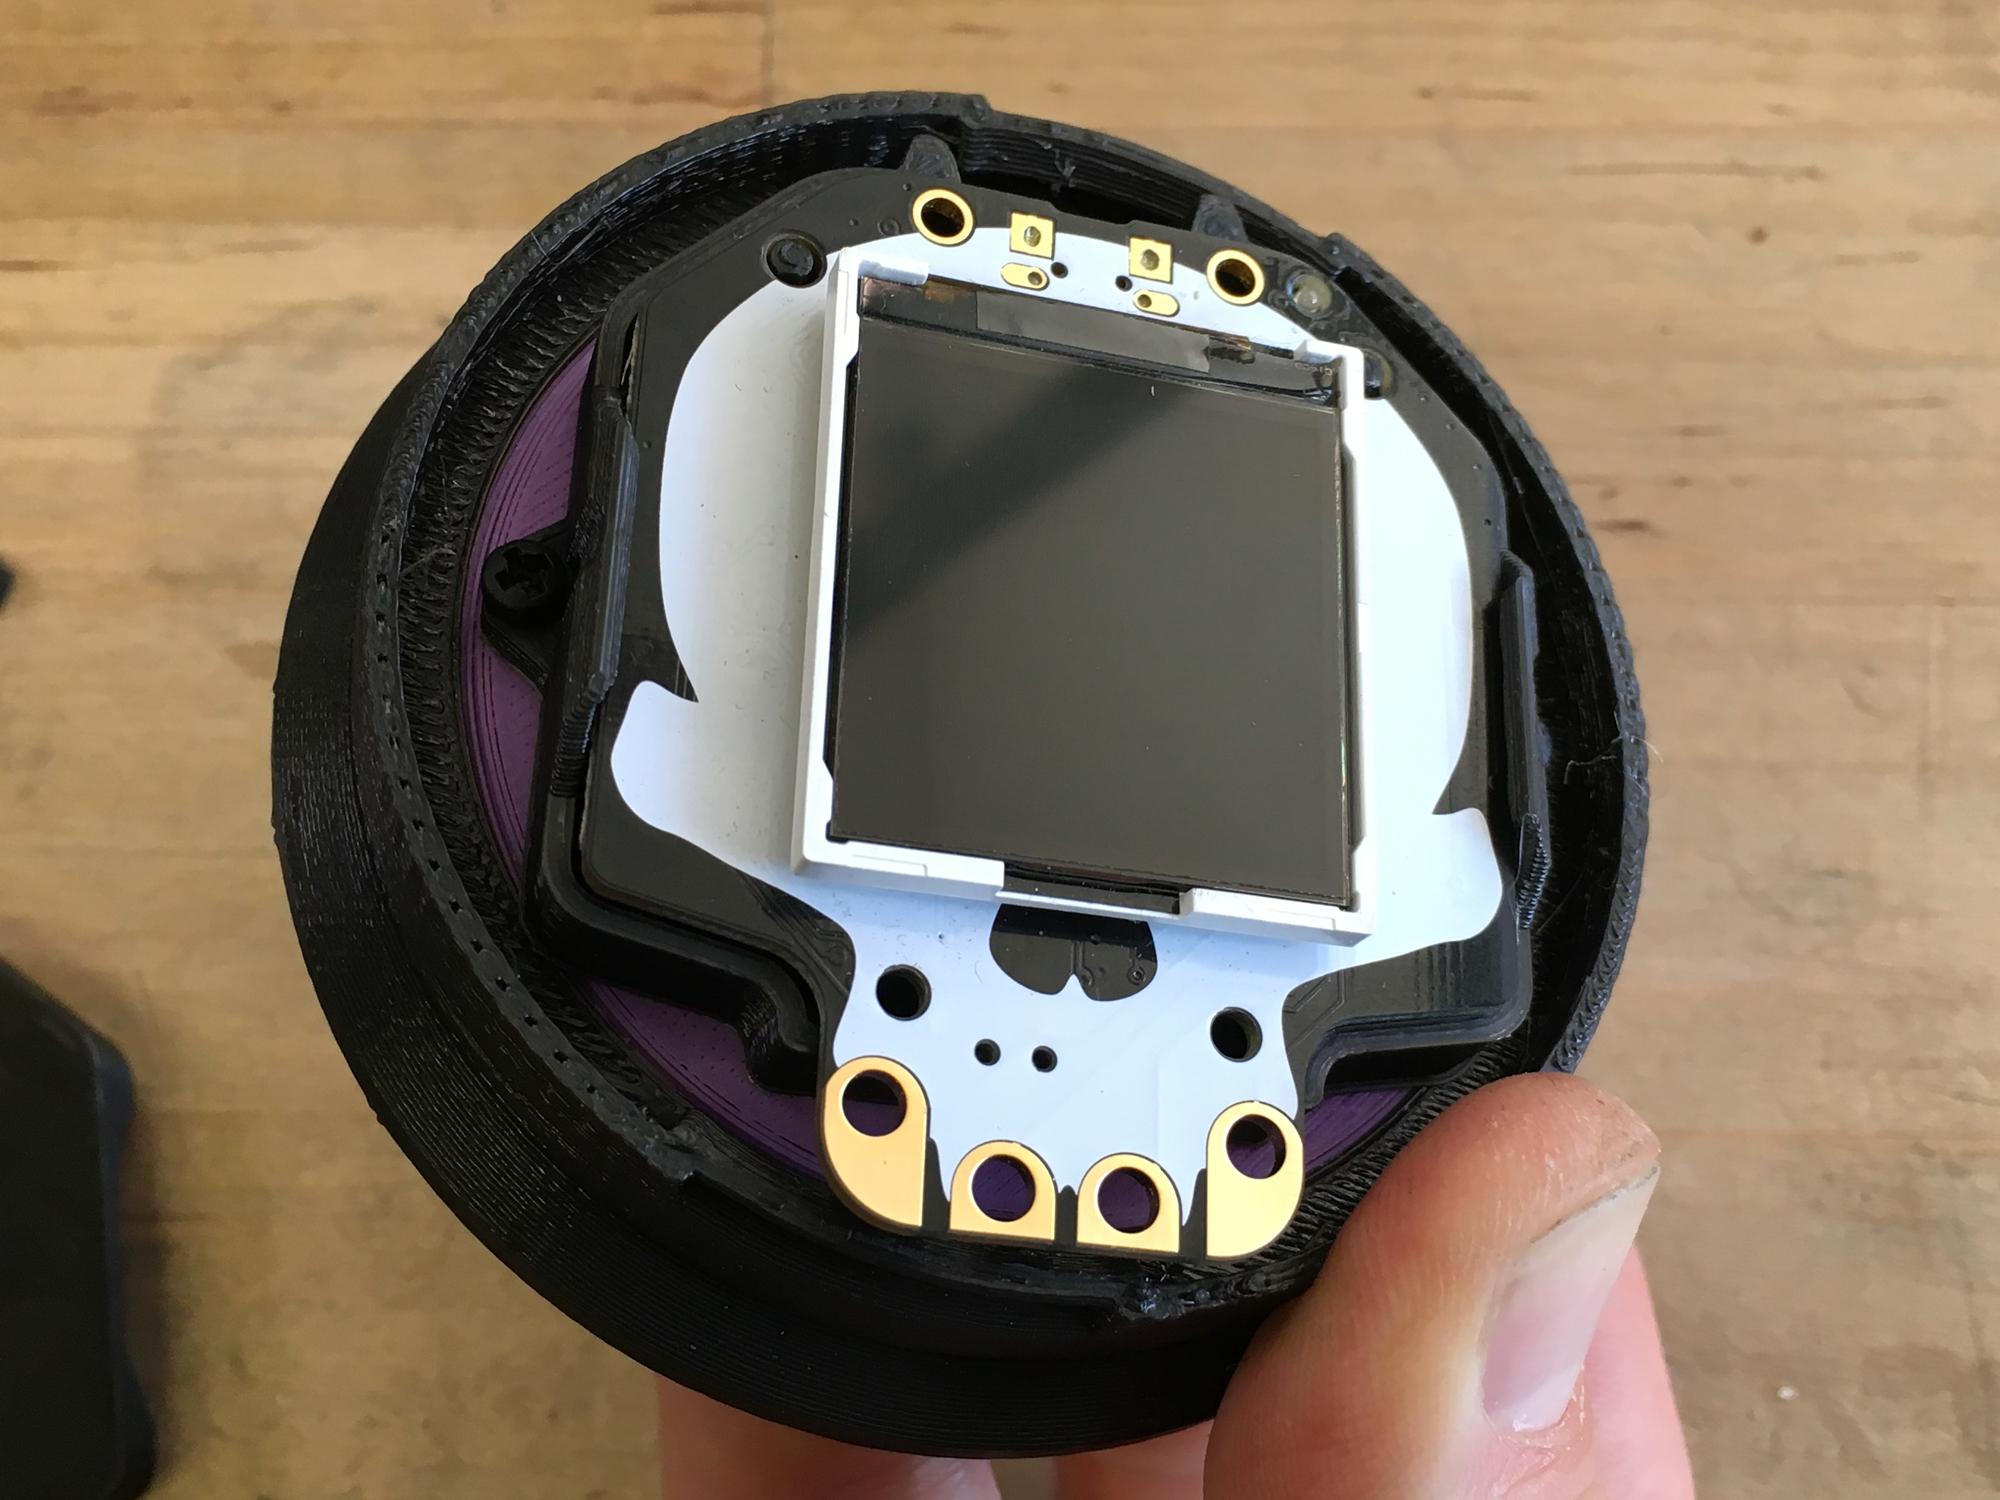 sensors_IMG_4980_2k.jpg